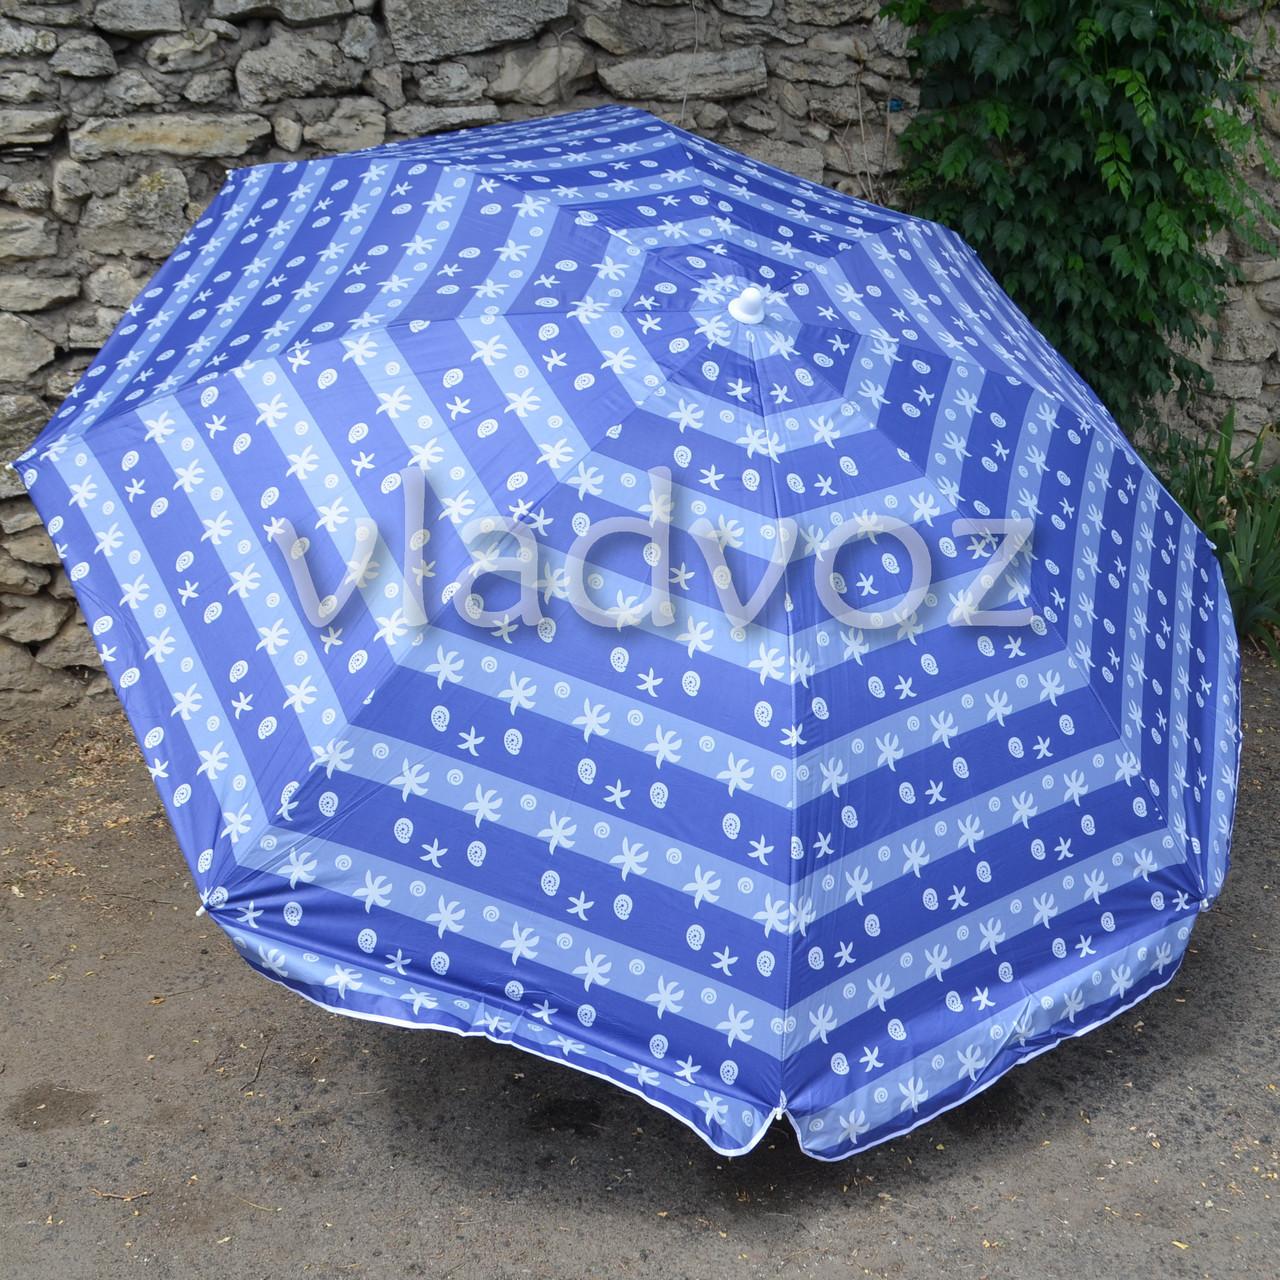 Большой пляжный зонт 240 см. диаметр, морские звезды